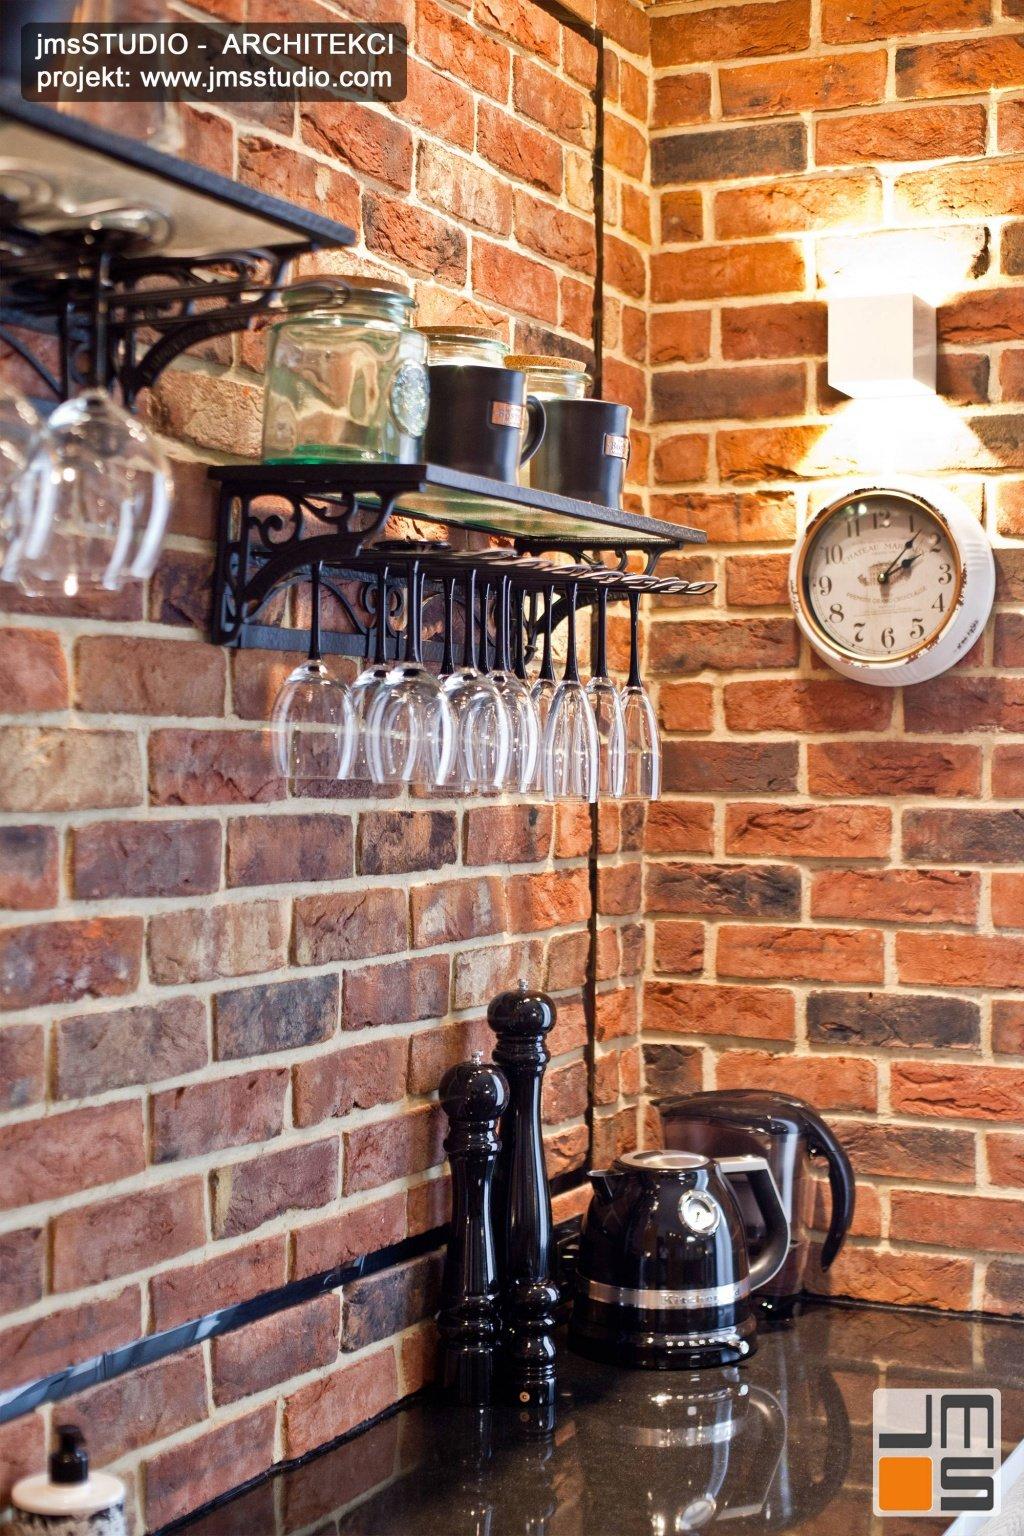 Cegła we wnętrzu to pomysł na projekt wnętrz ze ścianą dekorowaną cegła klinkierowa i zegar na ścianie w mieszkaniu Kraków